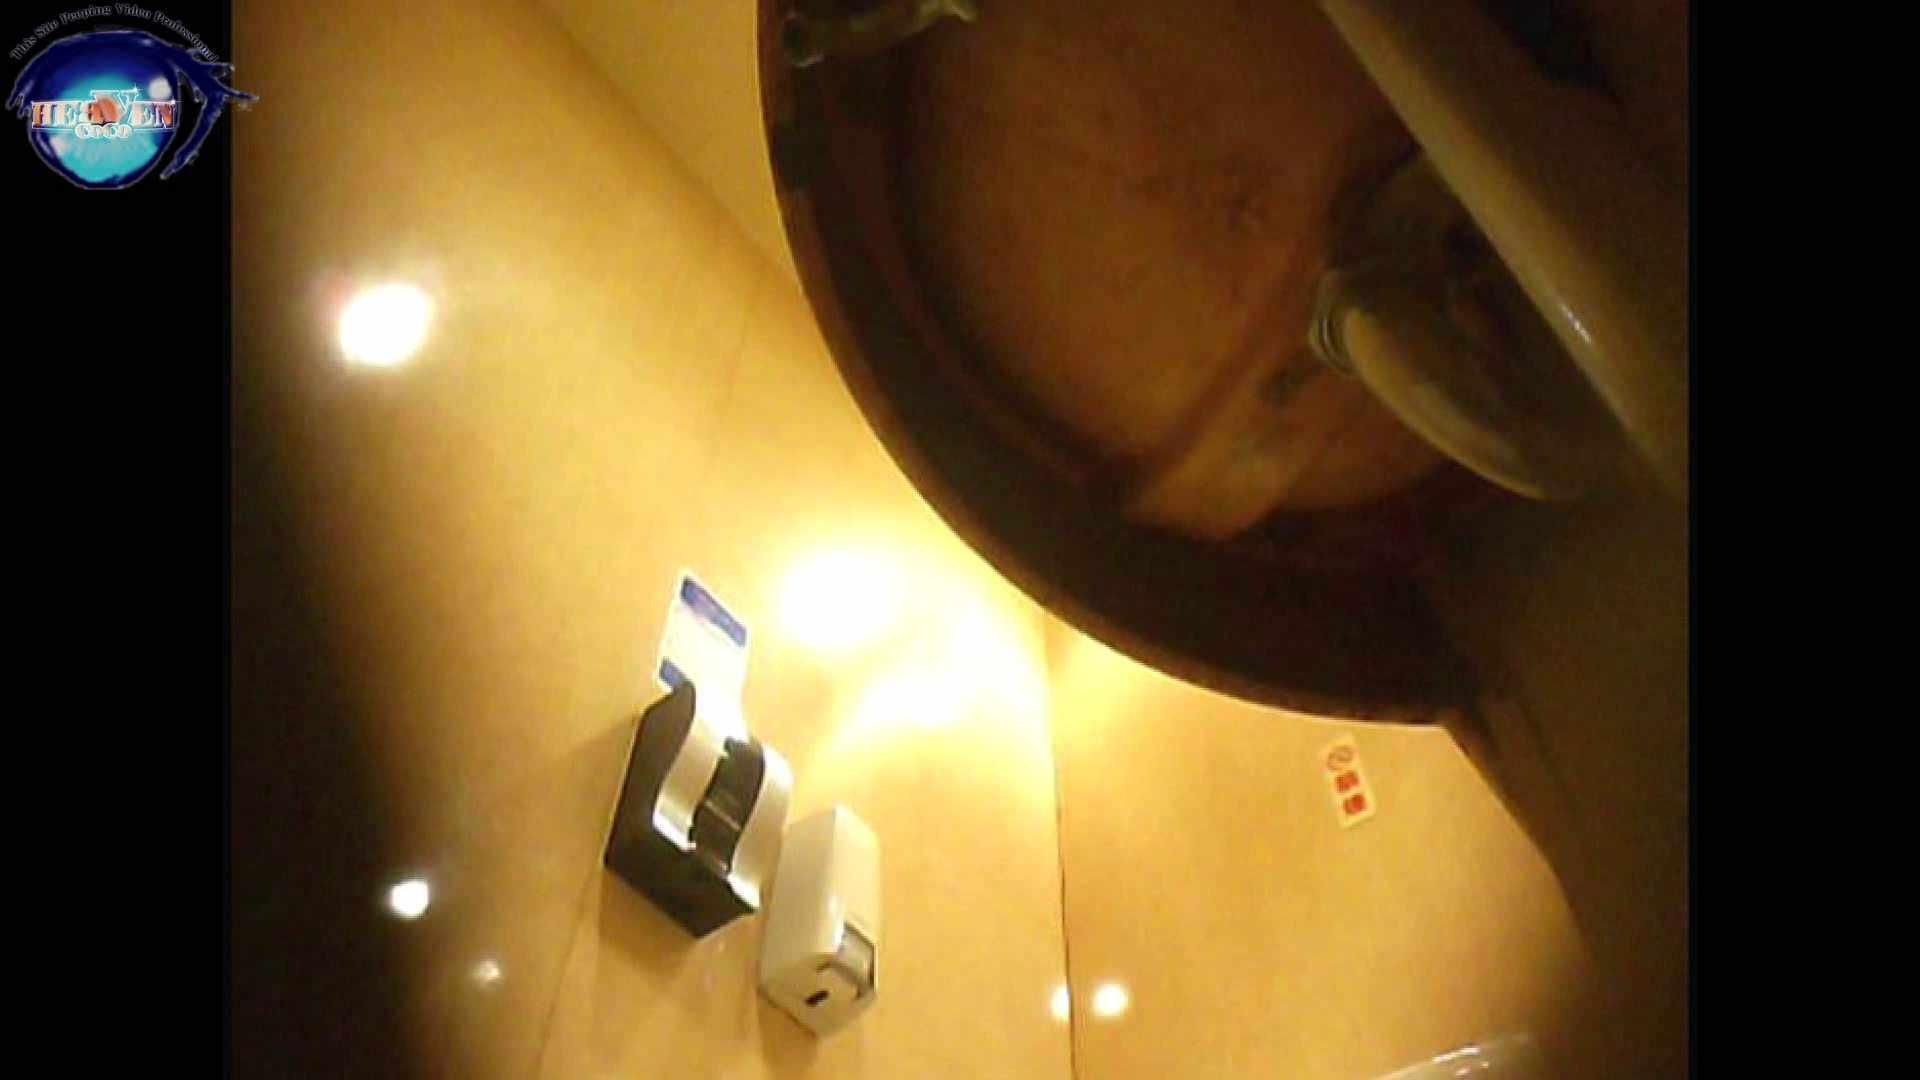 突撃!女子化粧室の真実vol.21 お姉さんのエロ動画 オマンコ動画キャプチャ 98PIX 95